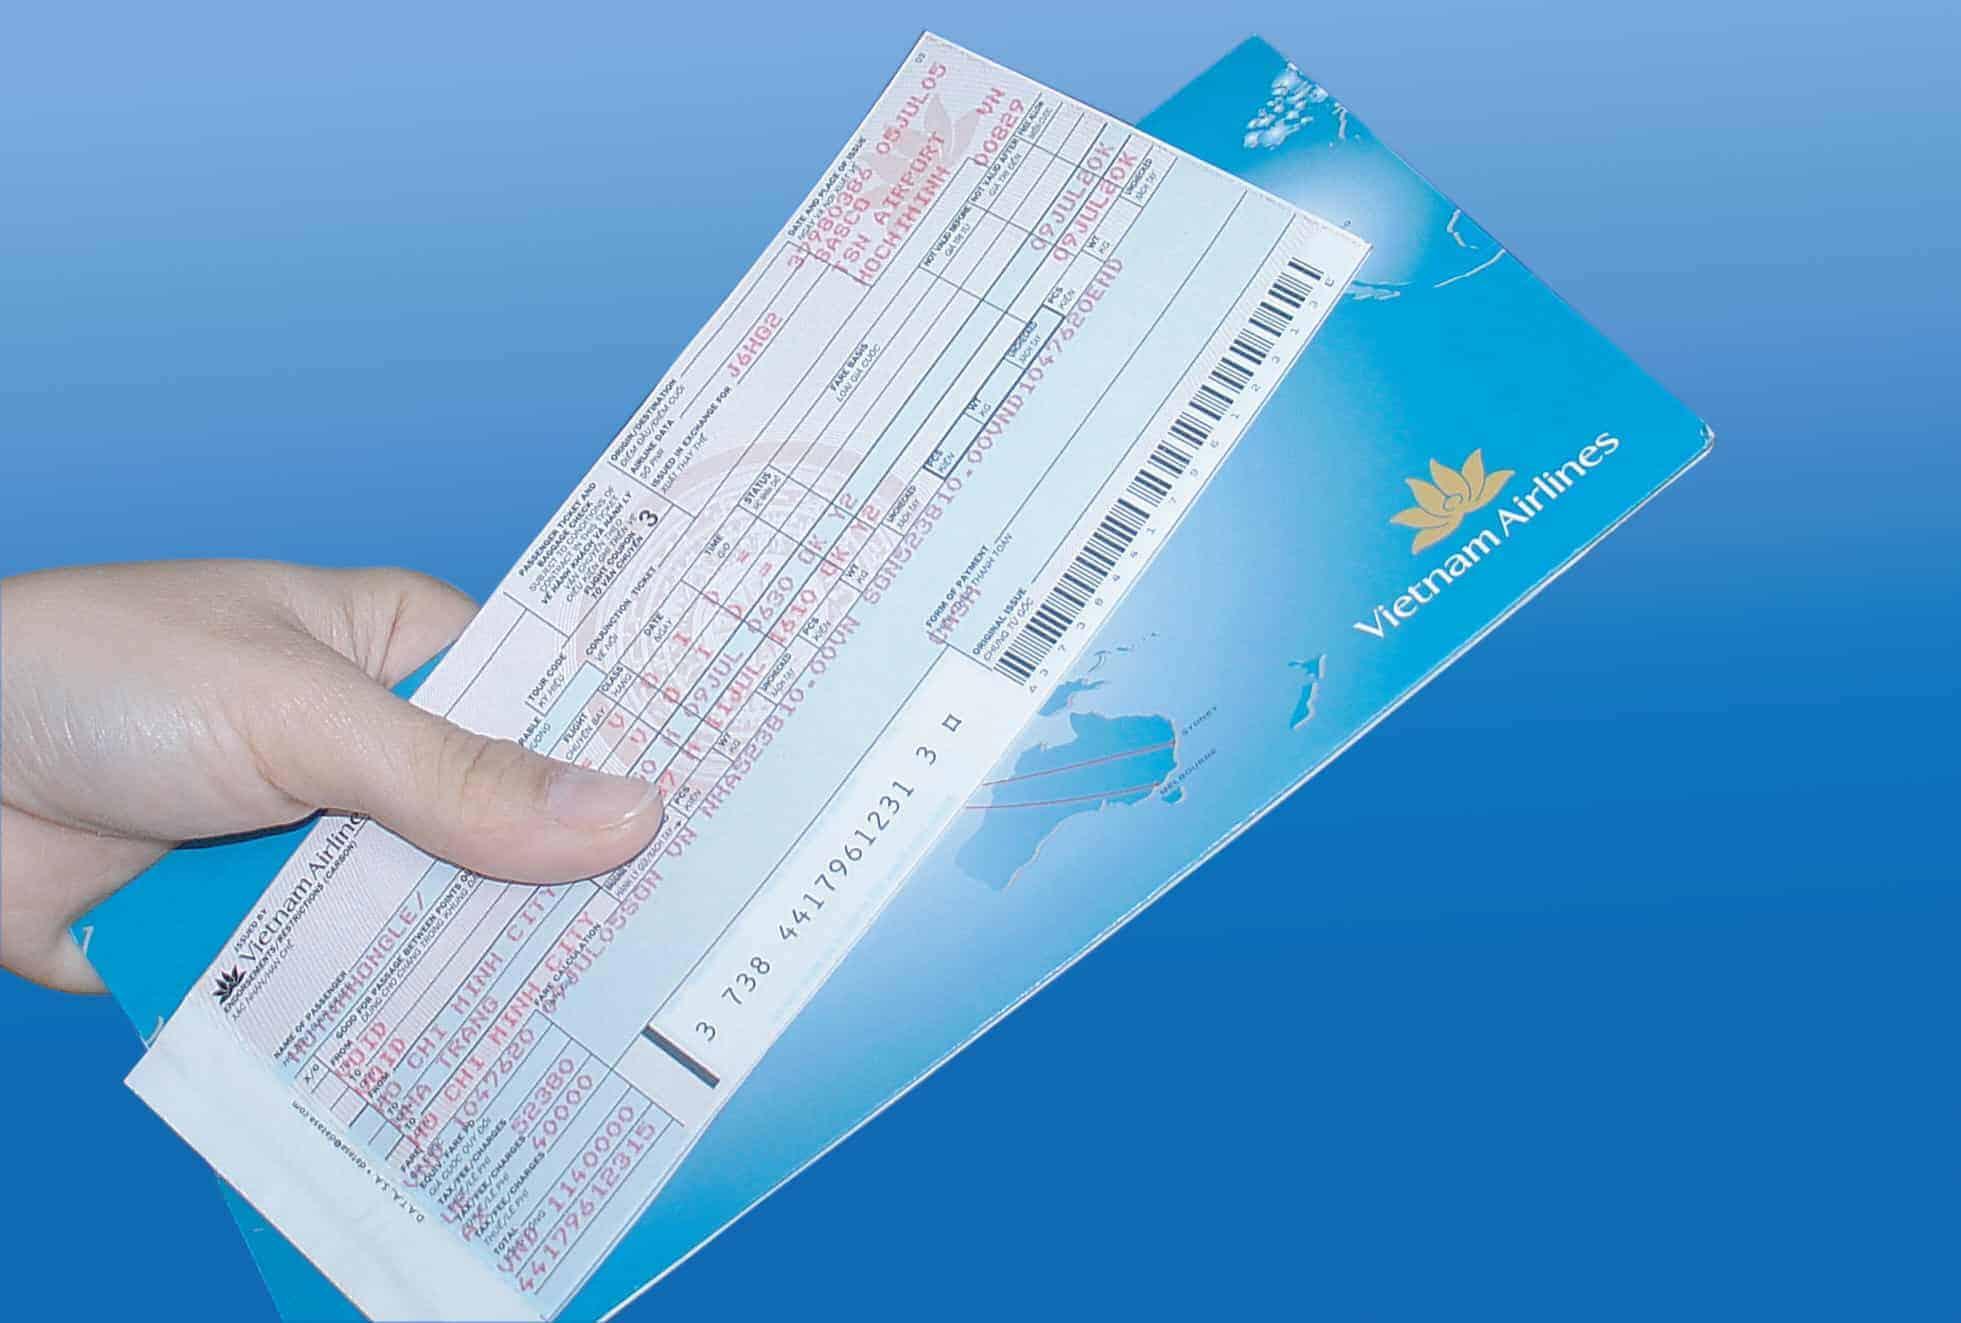 Đọc kĩ lại các điều kiện vé, tùy vào từng hãng, bạn sẽ phải trả một mức phí nhất định khi đặt vé mới